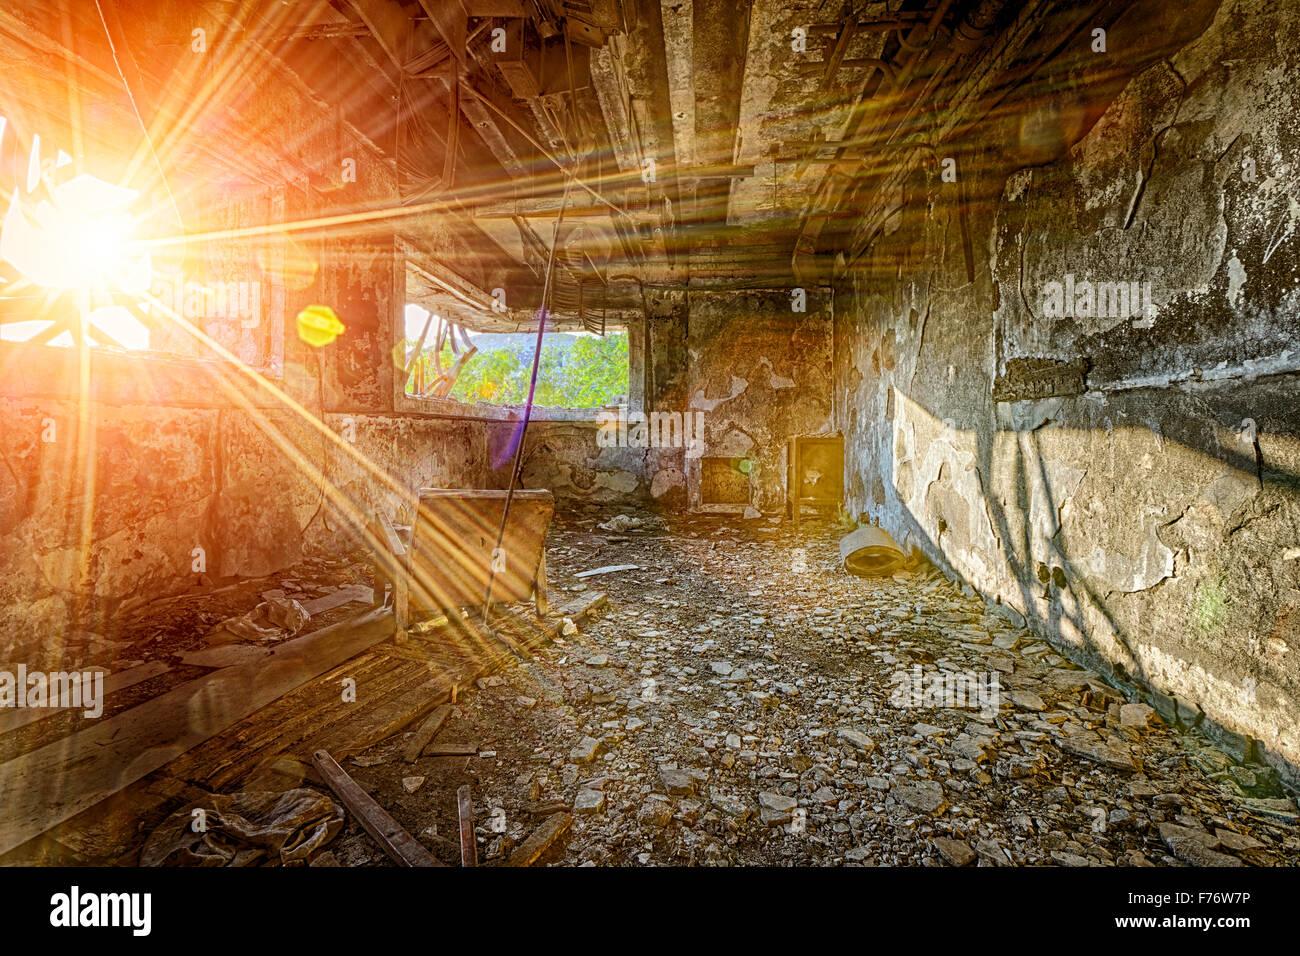 Tag Des Jüngsten Gerichts Zerstörung Ruinen Werk Schaden Stockfoto